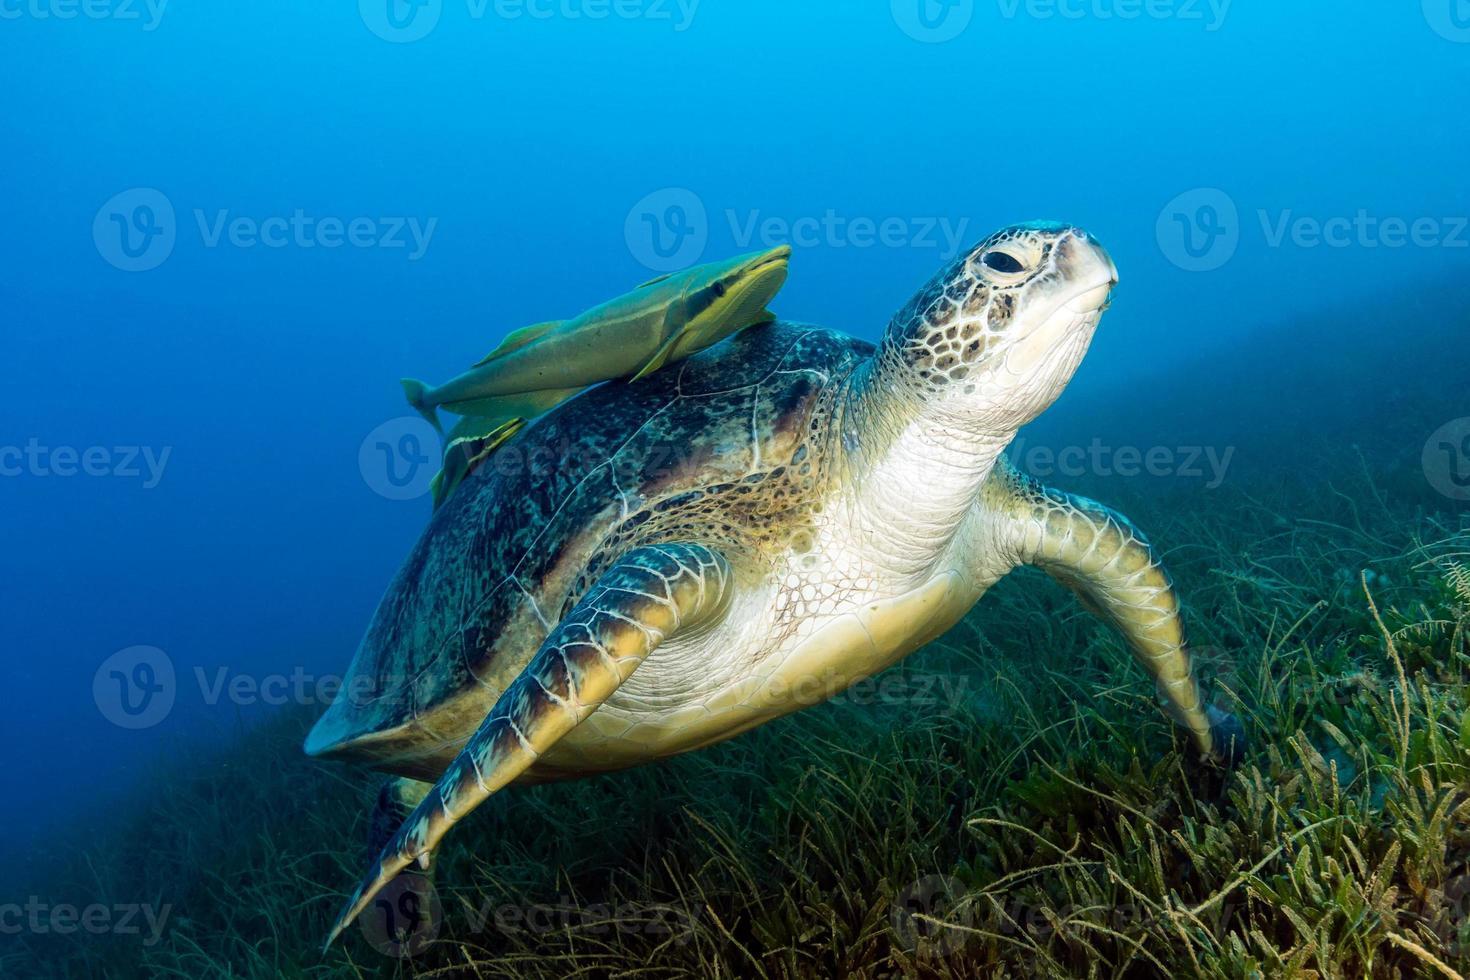 tartaruga verde com remora anexado em ervas marinhas foto